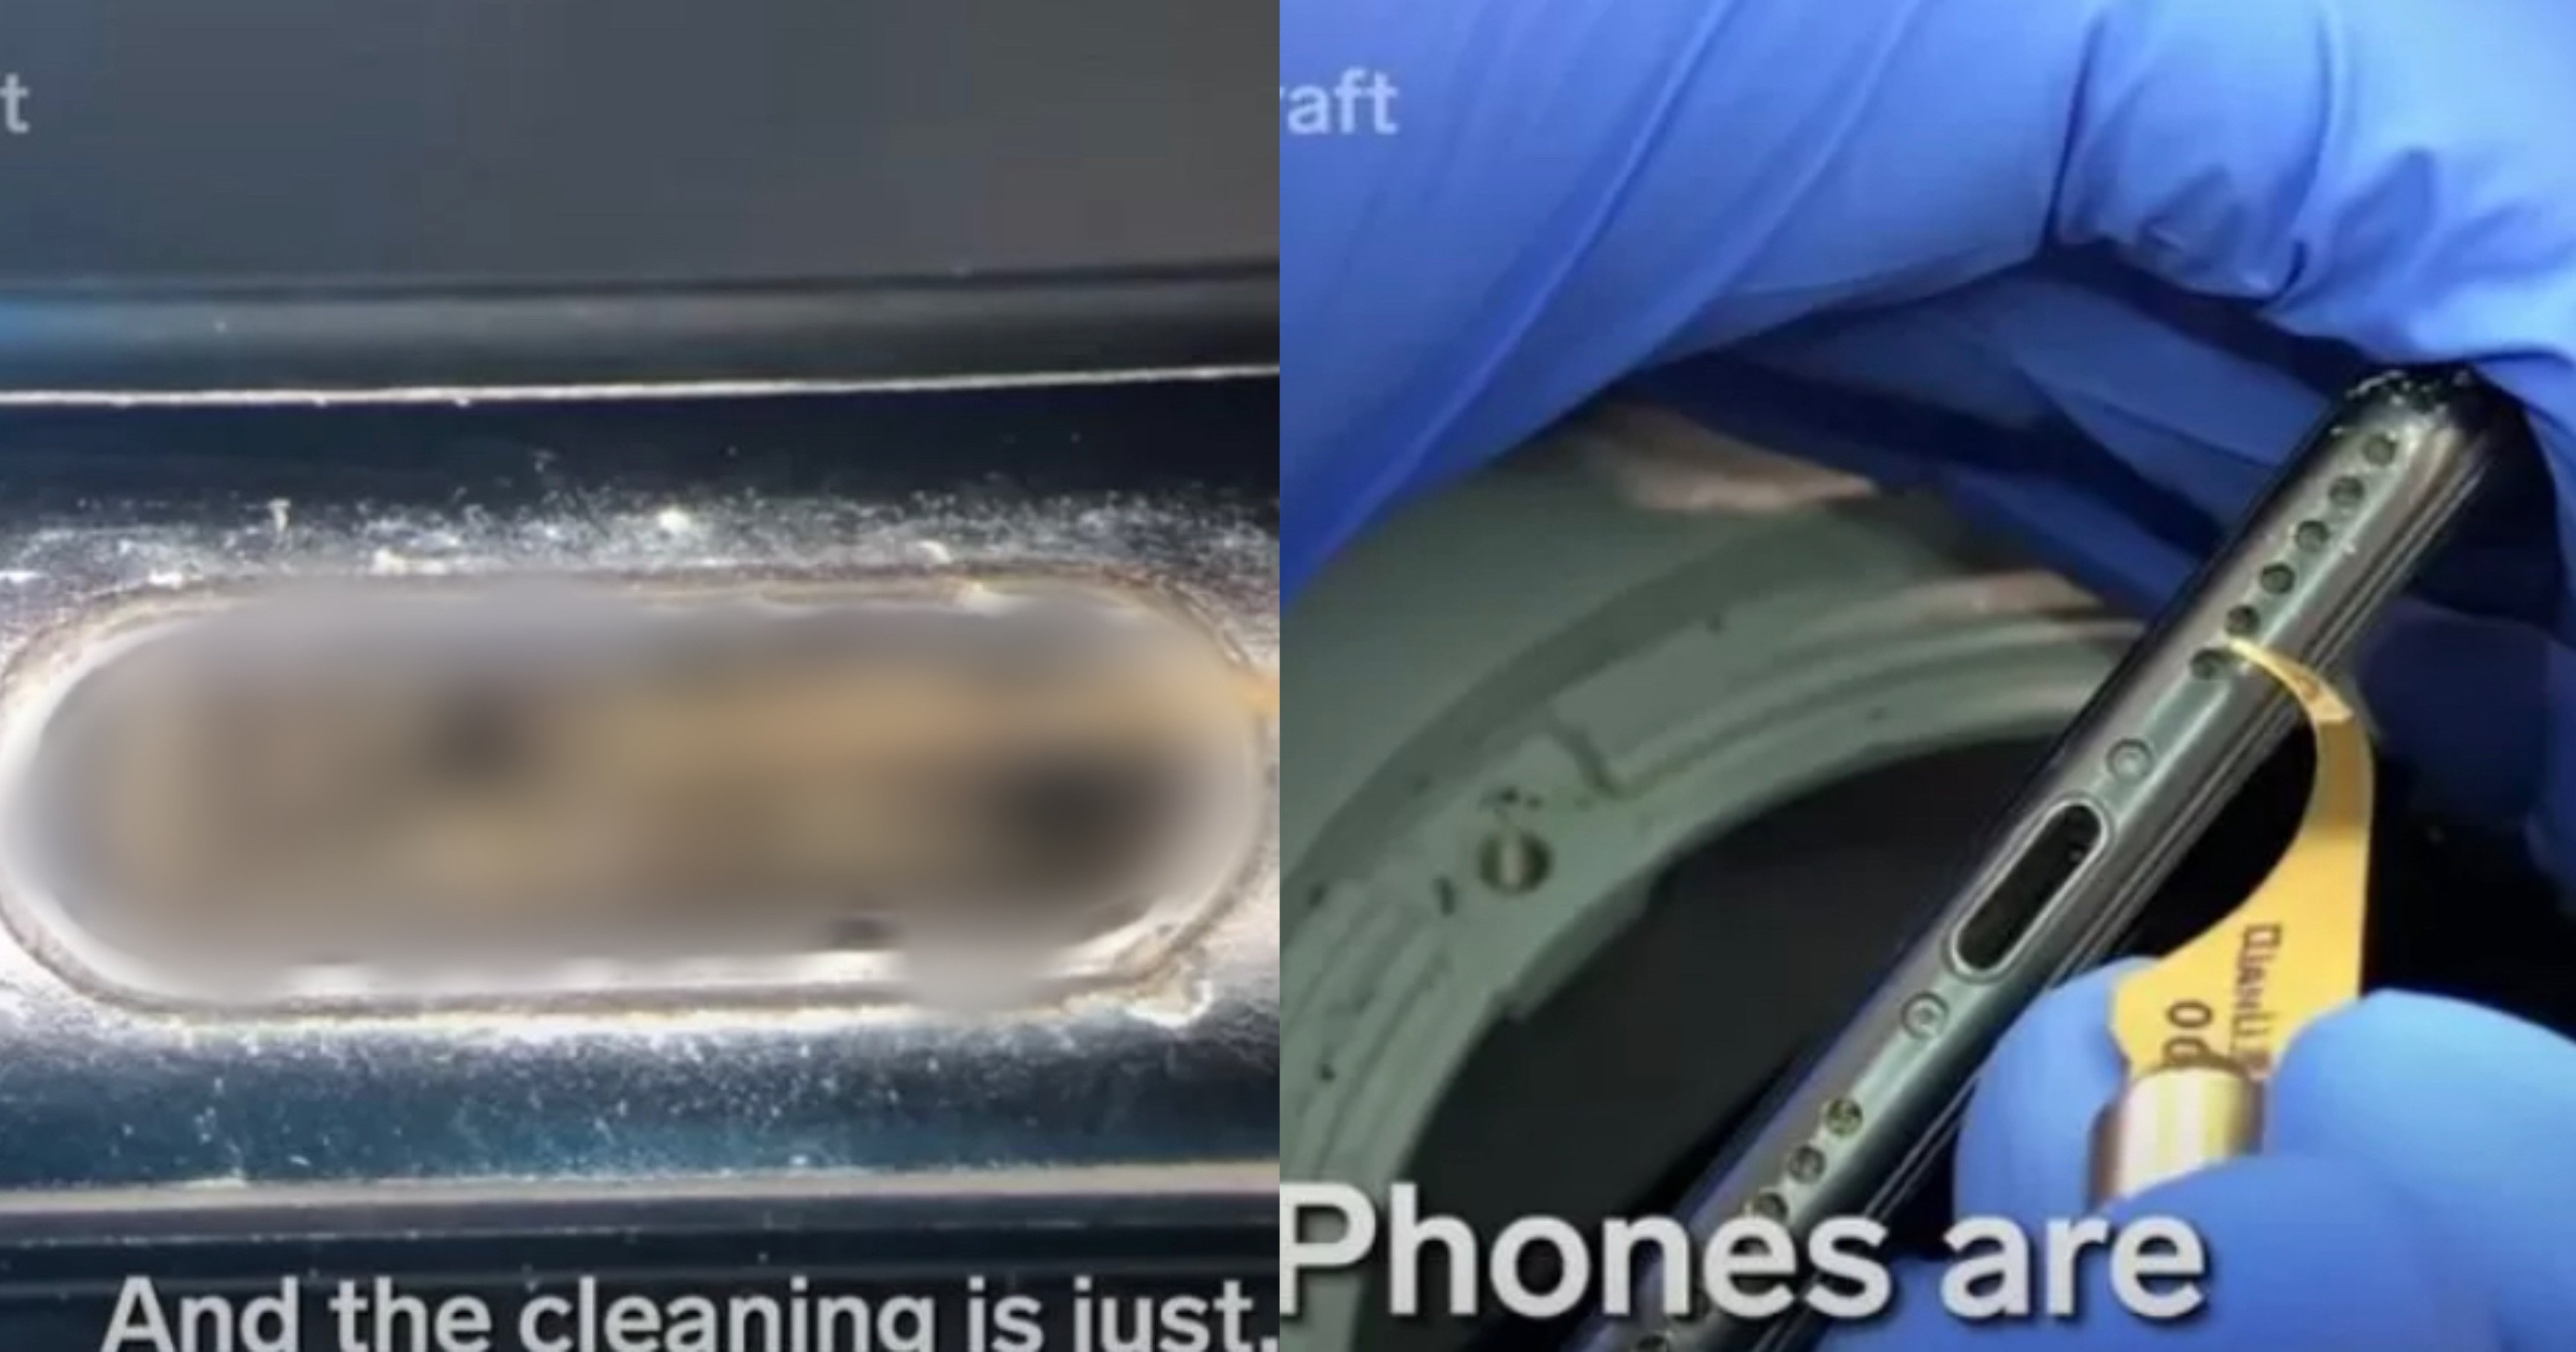 """660e421c d4df 4e37 9160 0bff129971f0.jpeg?resize=412,232 - """"헐 이걸 맨날 들고 다녔던 거야.?""""..2년 동안 청소 안 한 '아이폰'을 현미경으로 들여다 본 '충격적인' 모습(+사진)"""